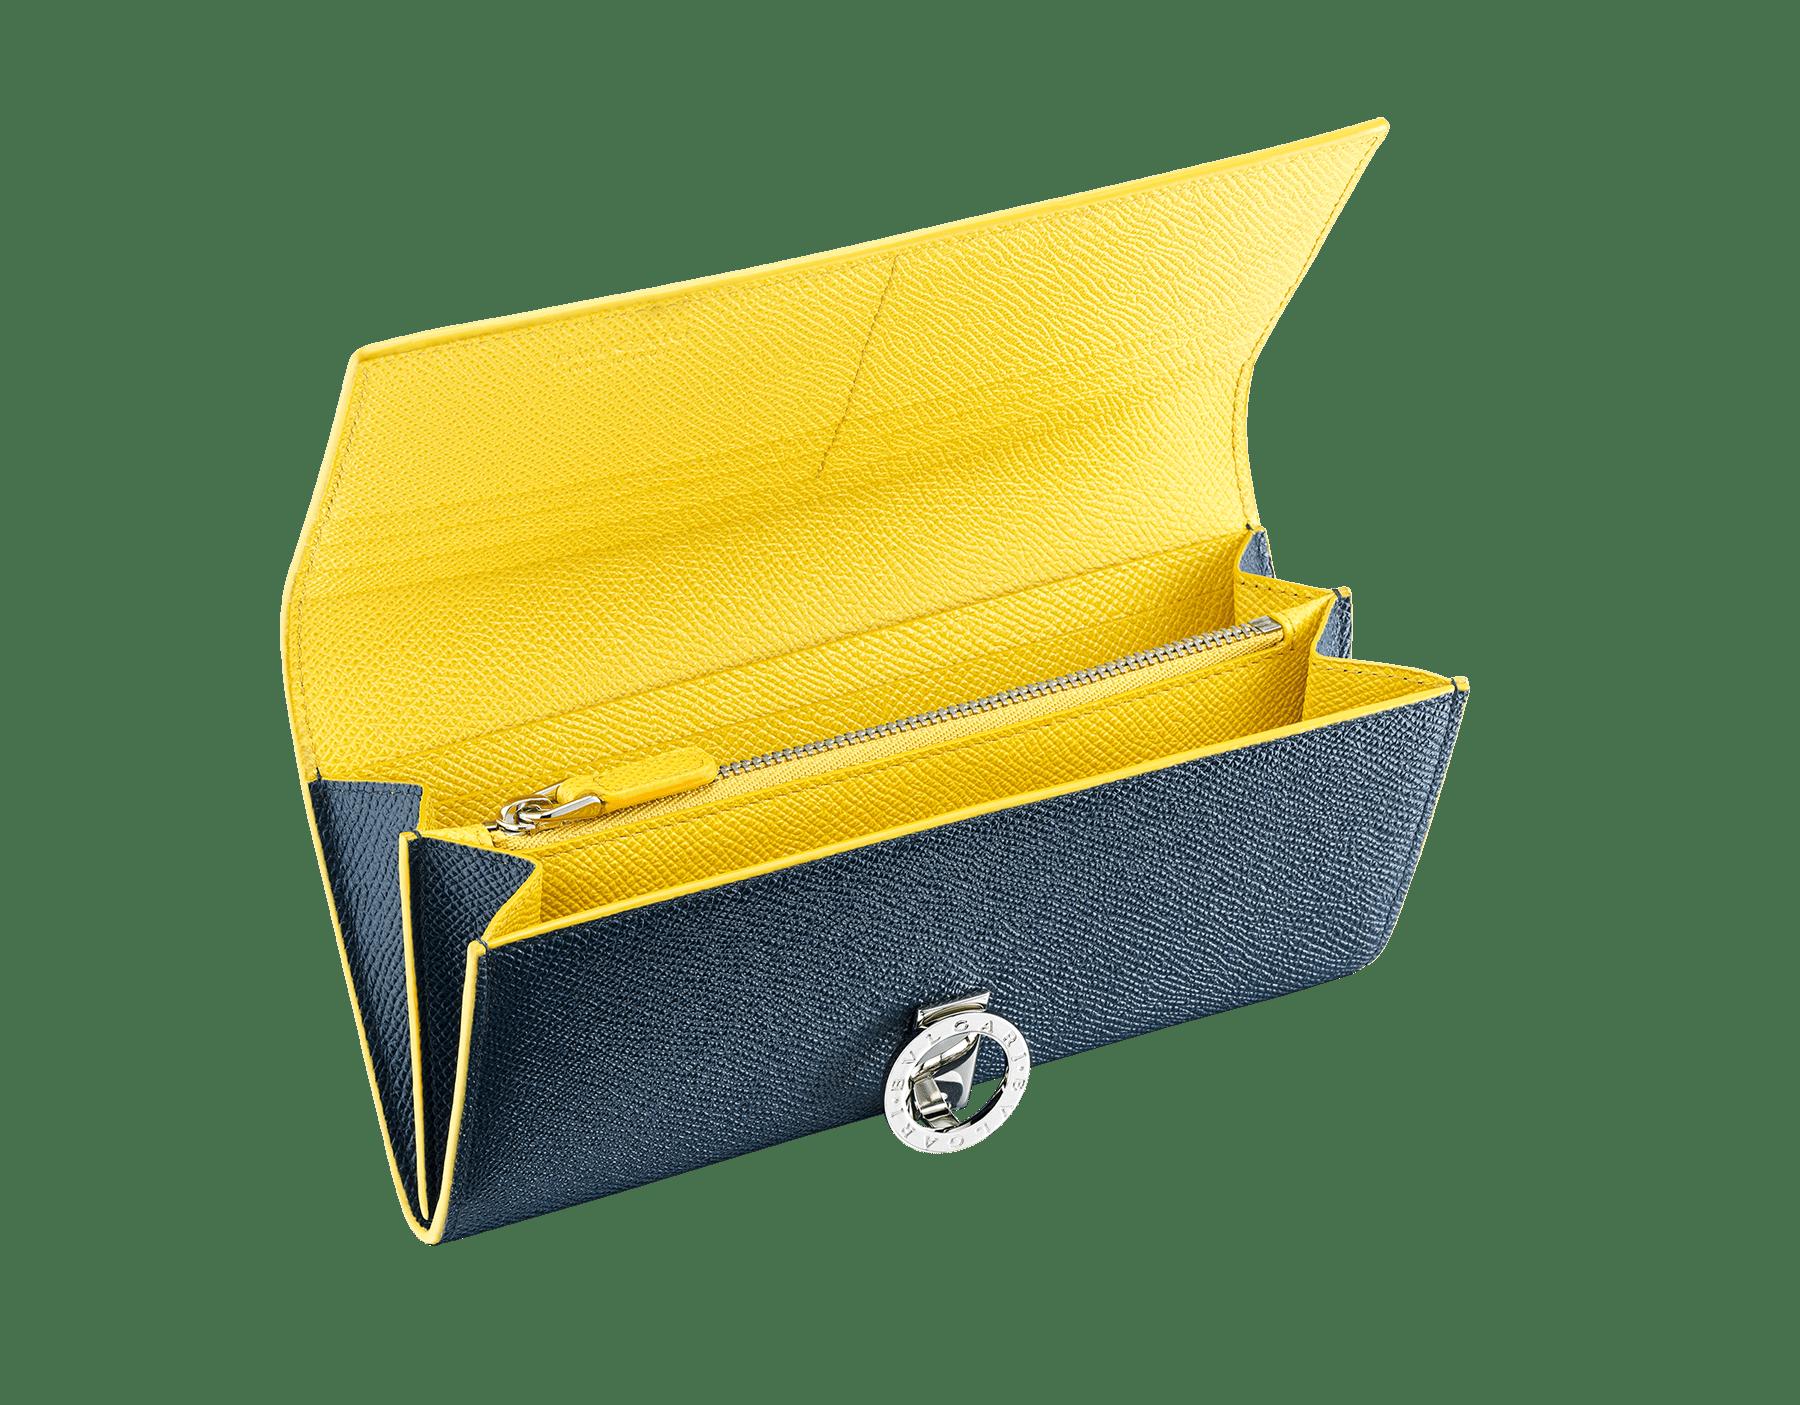 BVLGARI BVLGARI 大型皮夾,採用綠玉色和火珀色珠面小牛皮。經典鍍釕黃銅品牌標誌扣環。 BCM-WLT-SLI-POC-CLb image 2